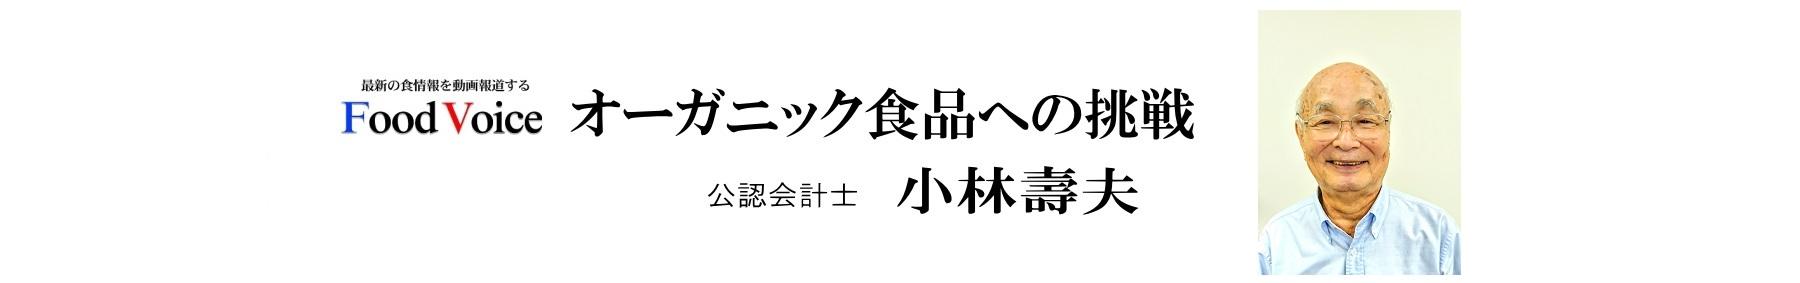 オーガニック食品への挑戦 小林壽夫